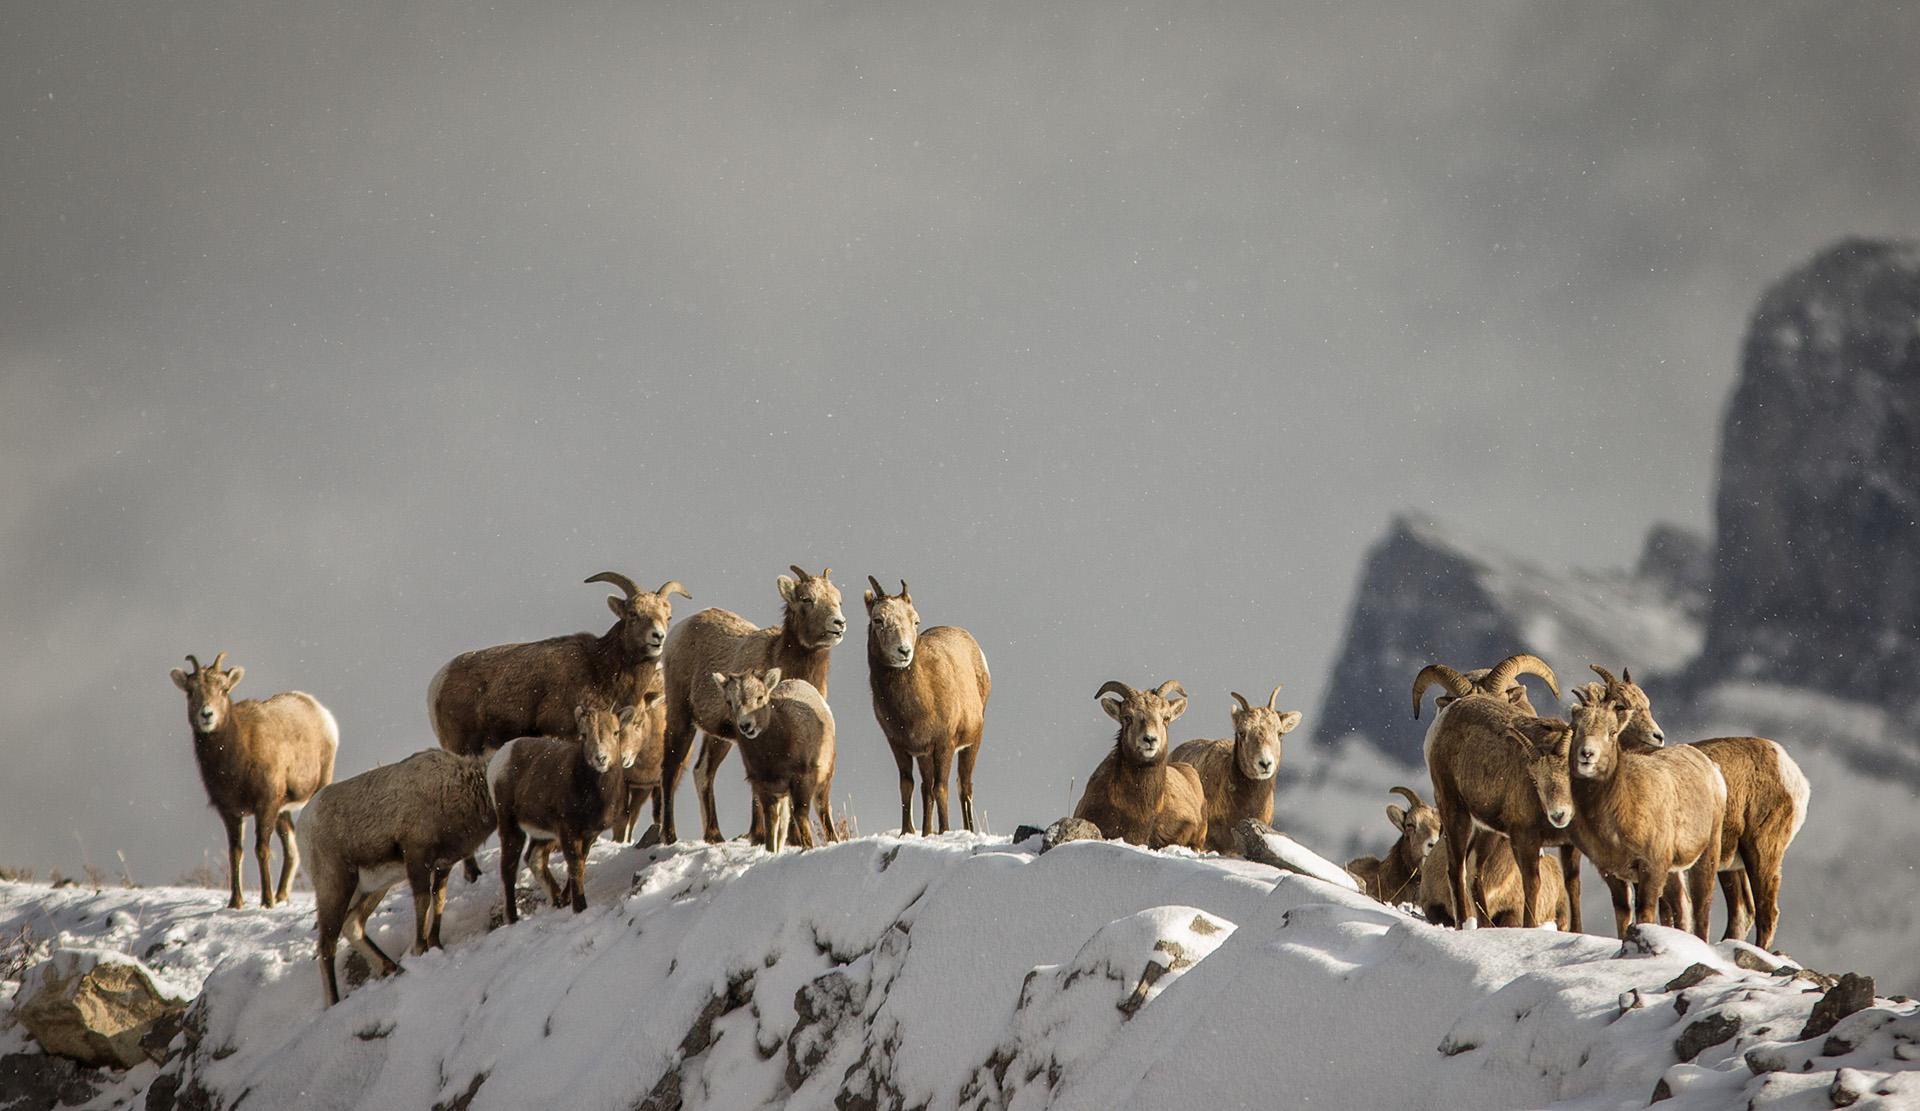 Bighorn Sheep at Windy Point, Abraham Lake, Alberta, Canada